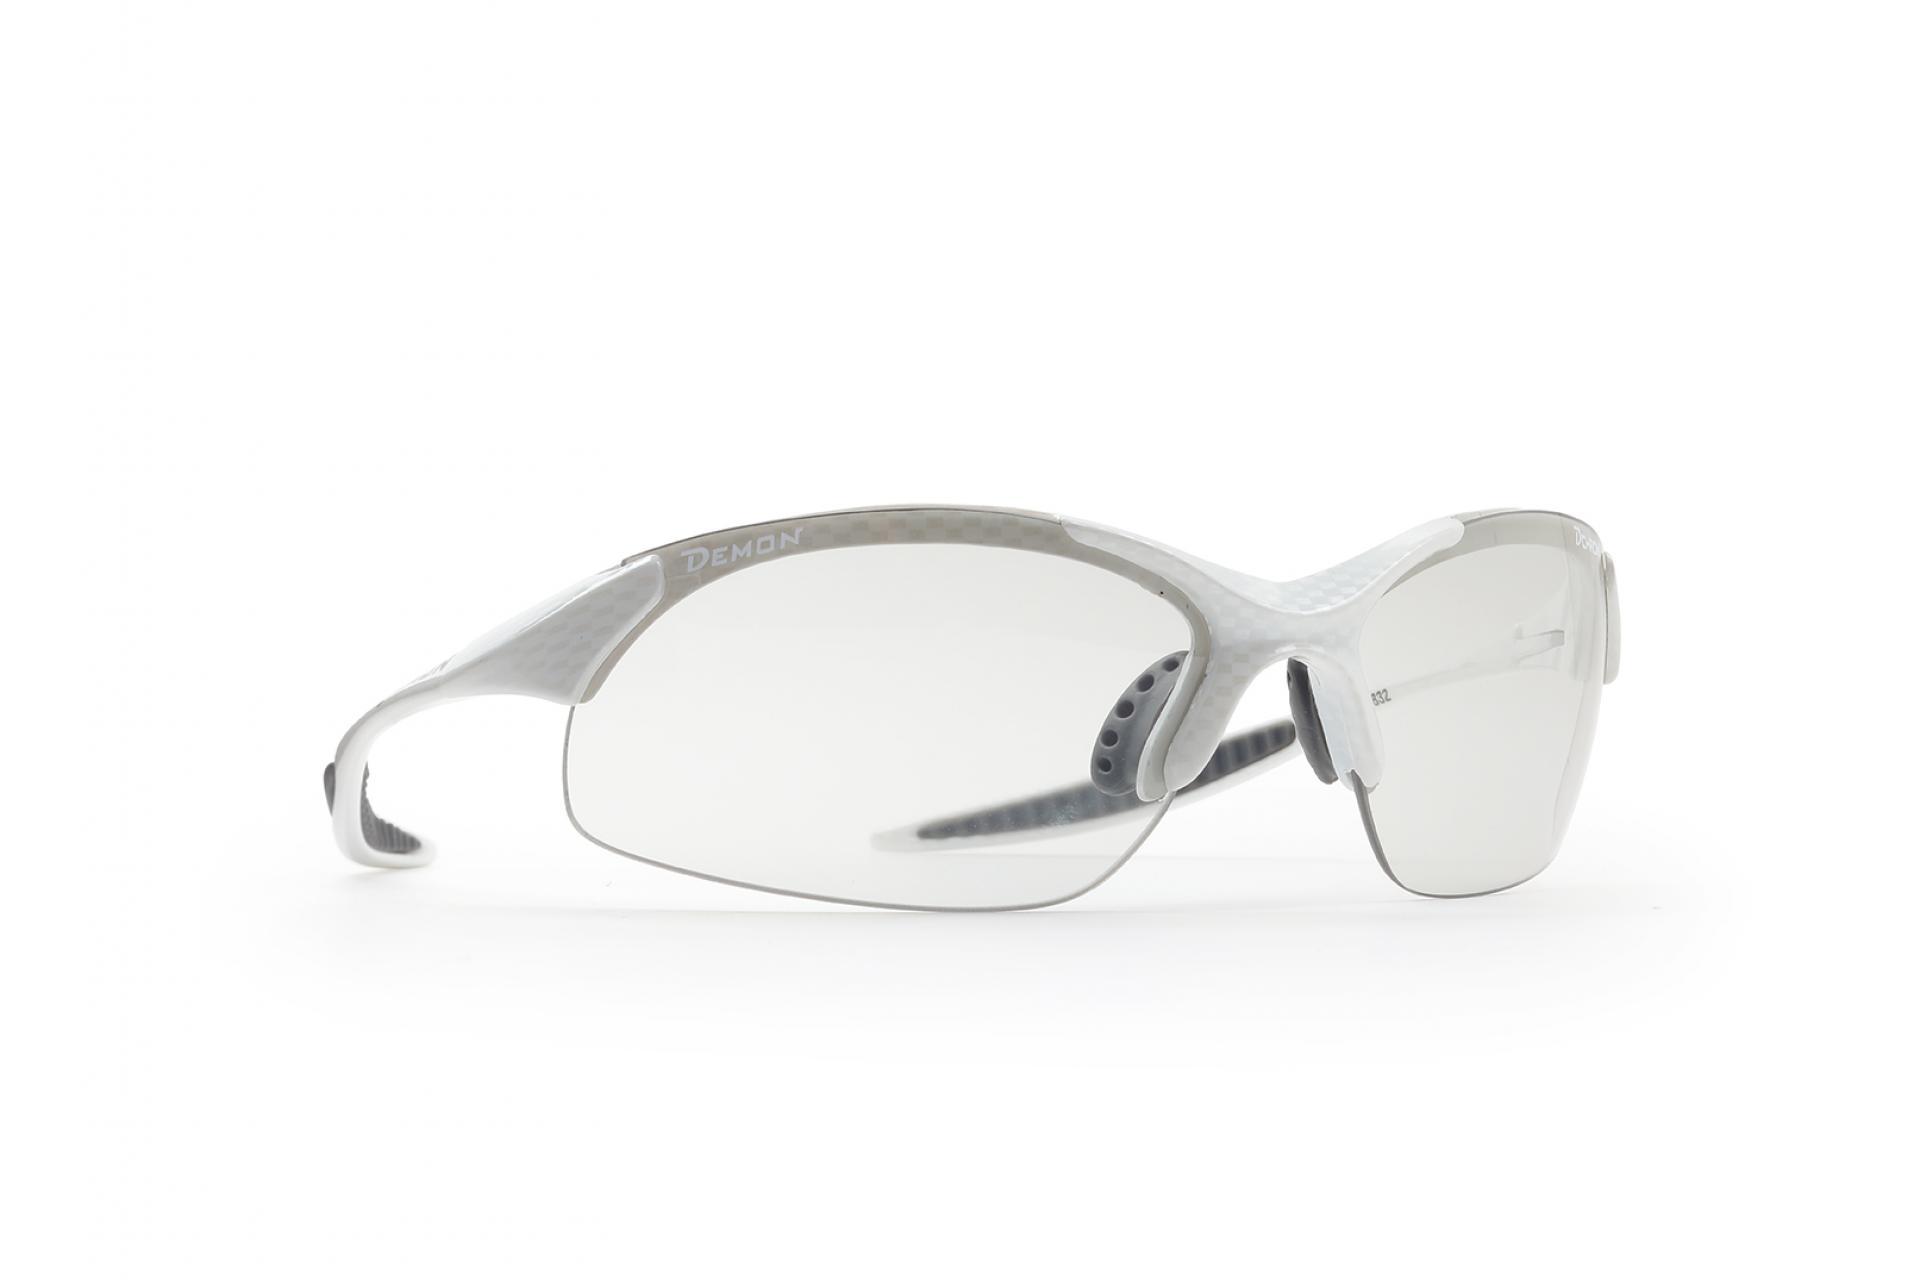 Demon 832 - Løbe- og cykelbrille med fotokromisk linse - Carbon look/hvid   Glasses